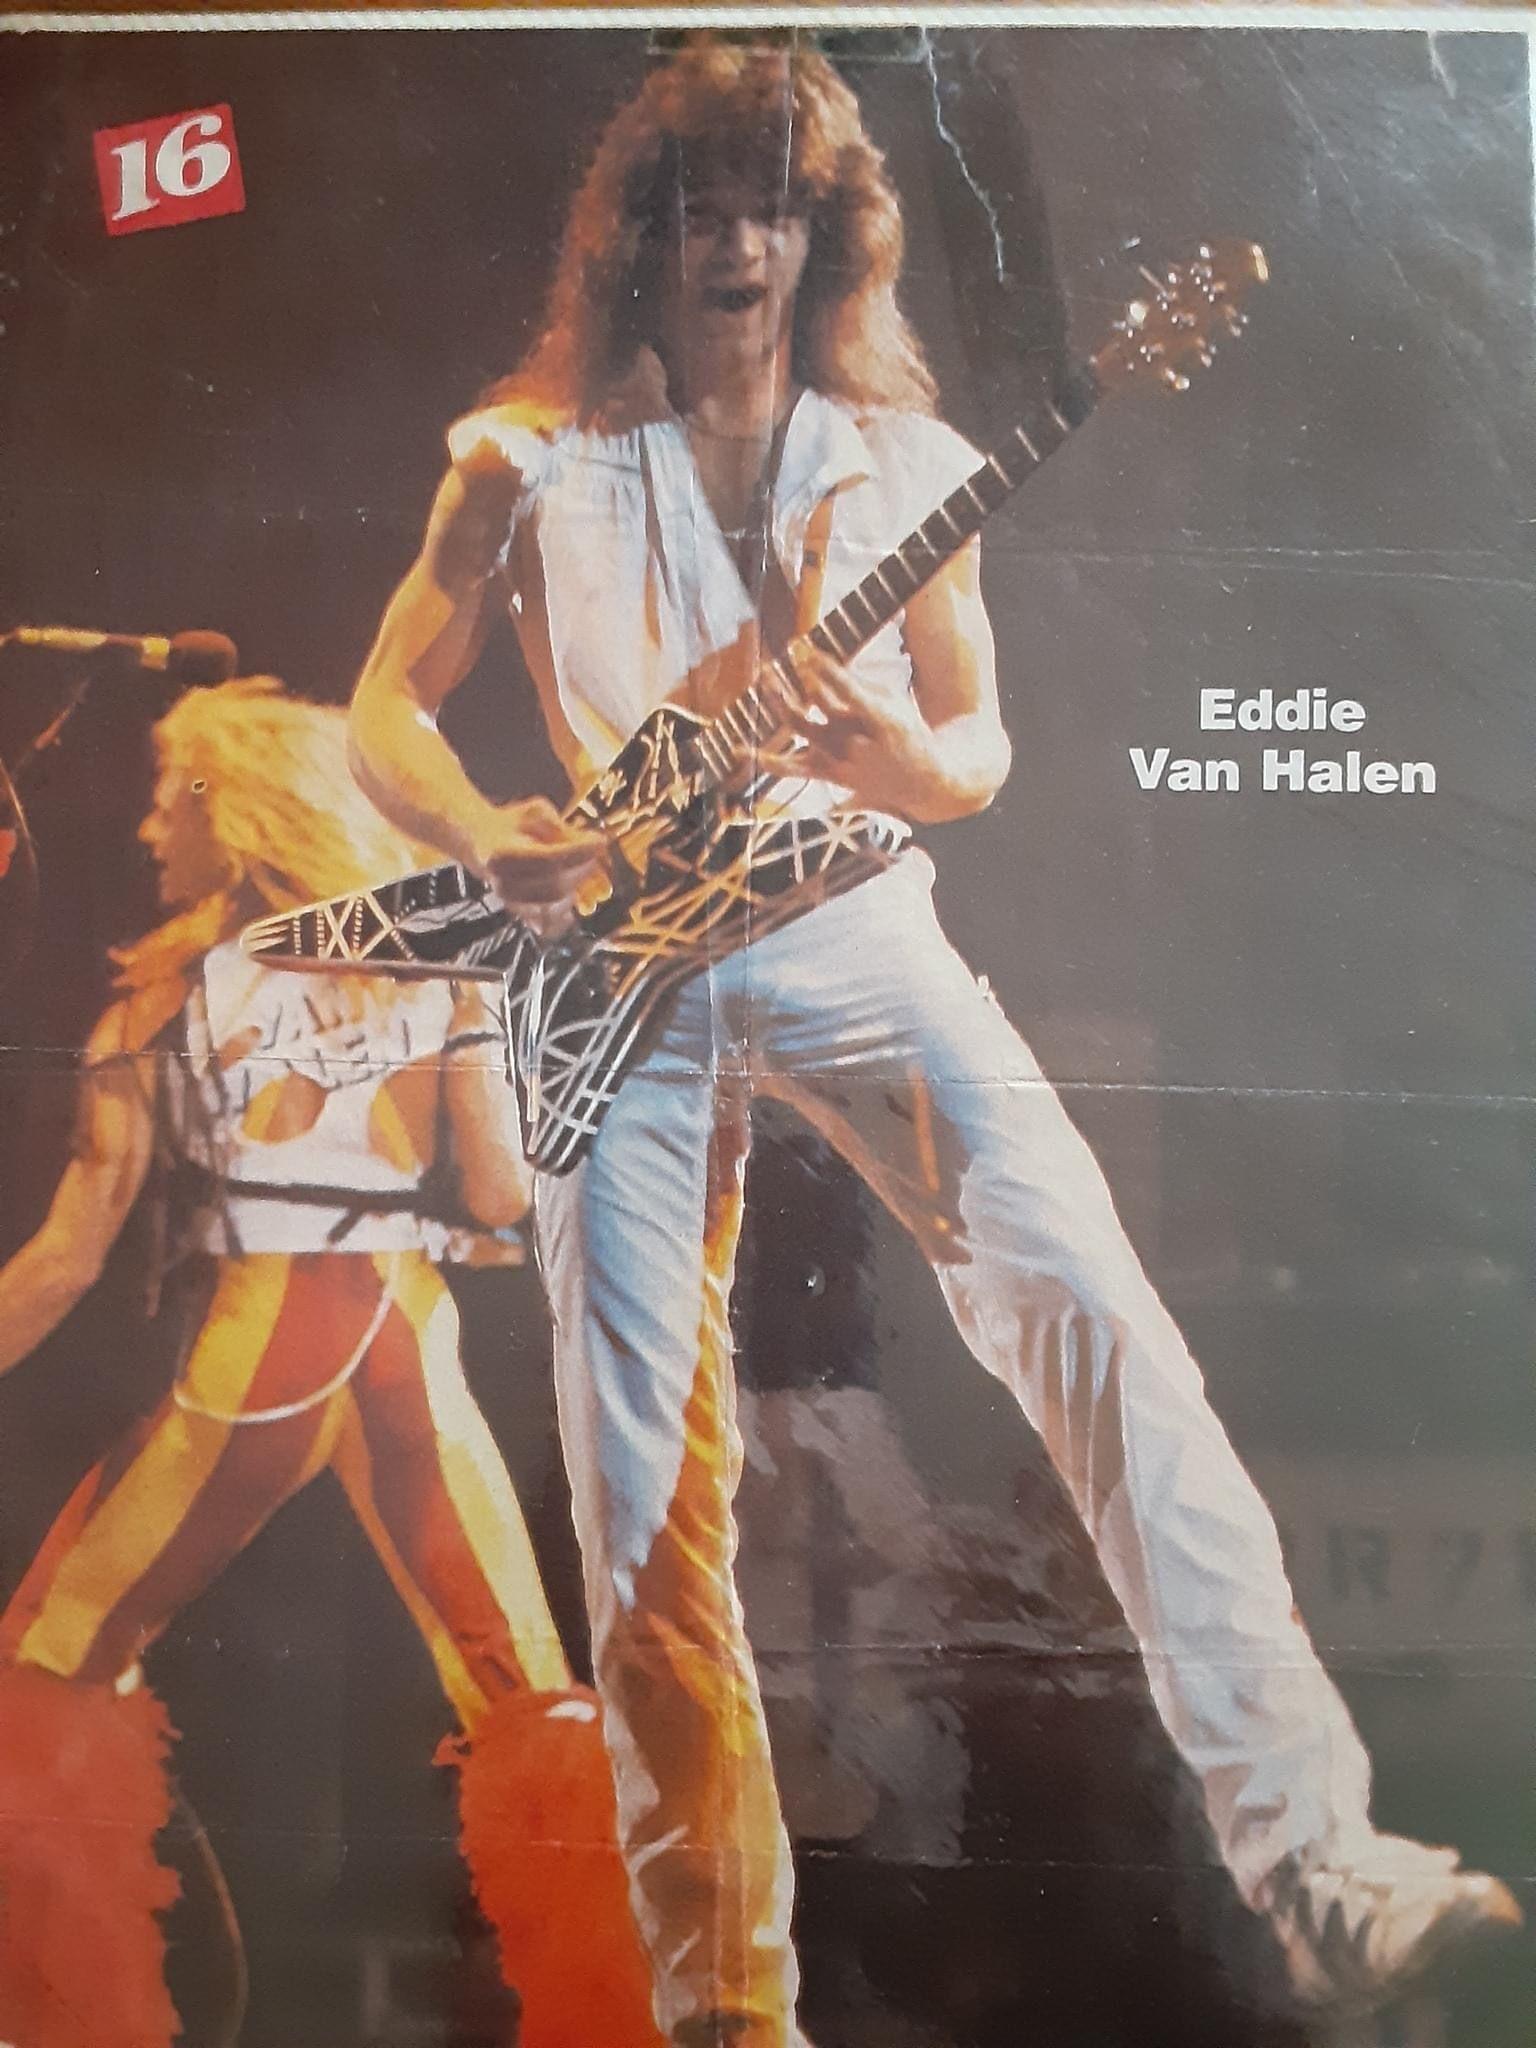 Pin By Summer Phillips On Evh Vh Dlr In 2020 Eddie Van Halen Van Halen Style